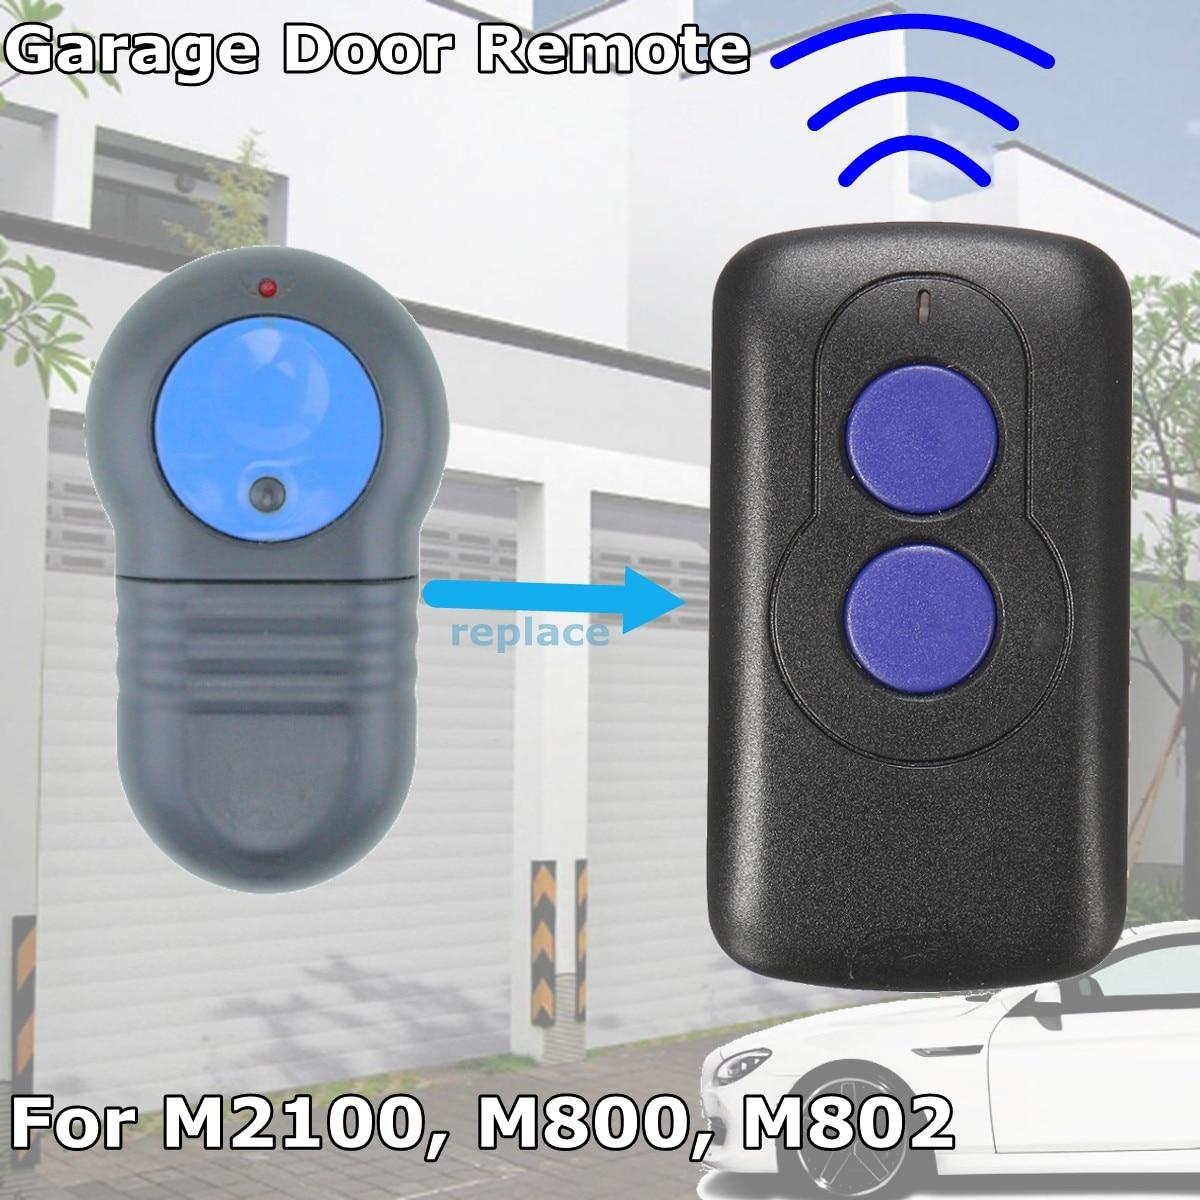 Reemplazo de puerta de garaje puerta transmisor de Control remoto eléctrico duplicador para Merlin M802 40.685 MHz